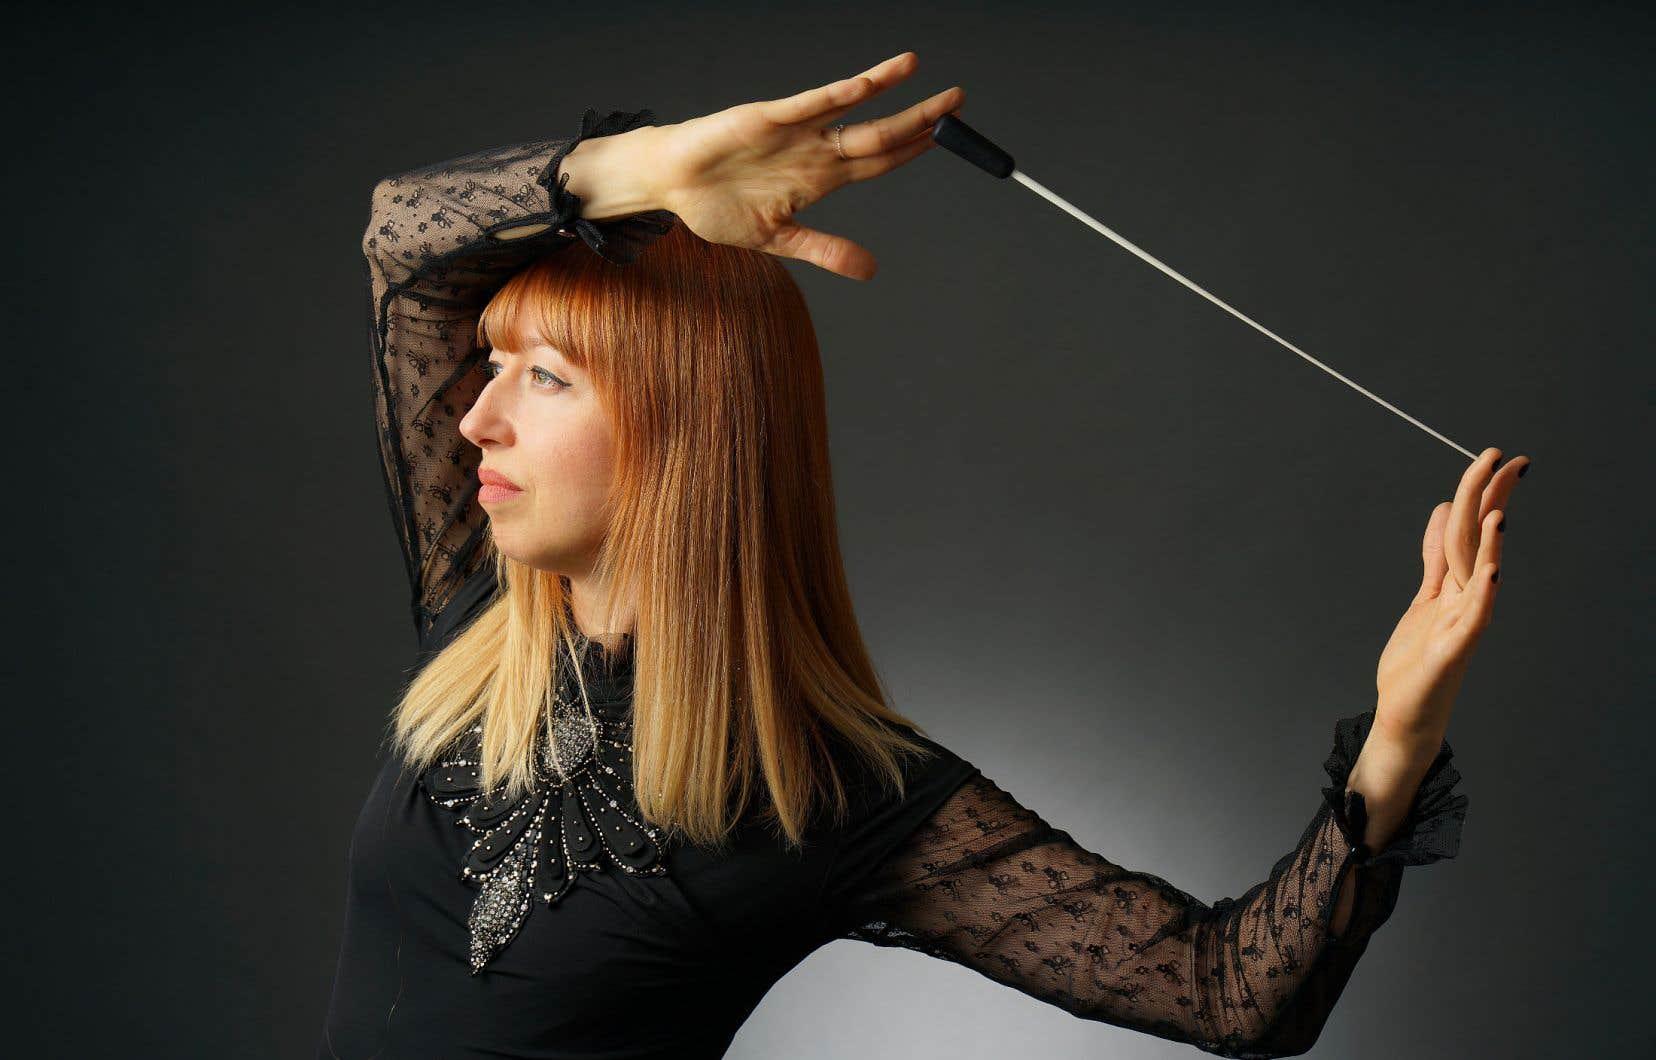 Mélanie Léonard a méthodiquement architecturé la «Suite pour orchestre» de Nielsen en agençant les mouvements dans des rapports de tempos logiques, en tenant les mouvements comme des entités et en gardant un contrôle absolu sur une exécution cadrée.